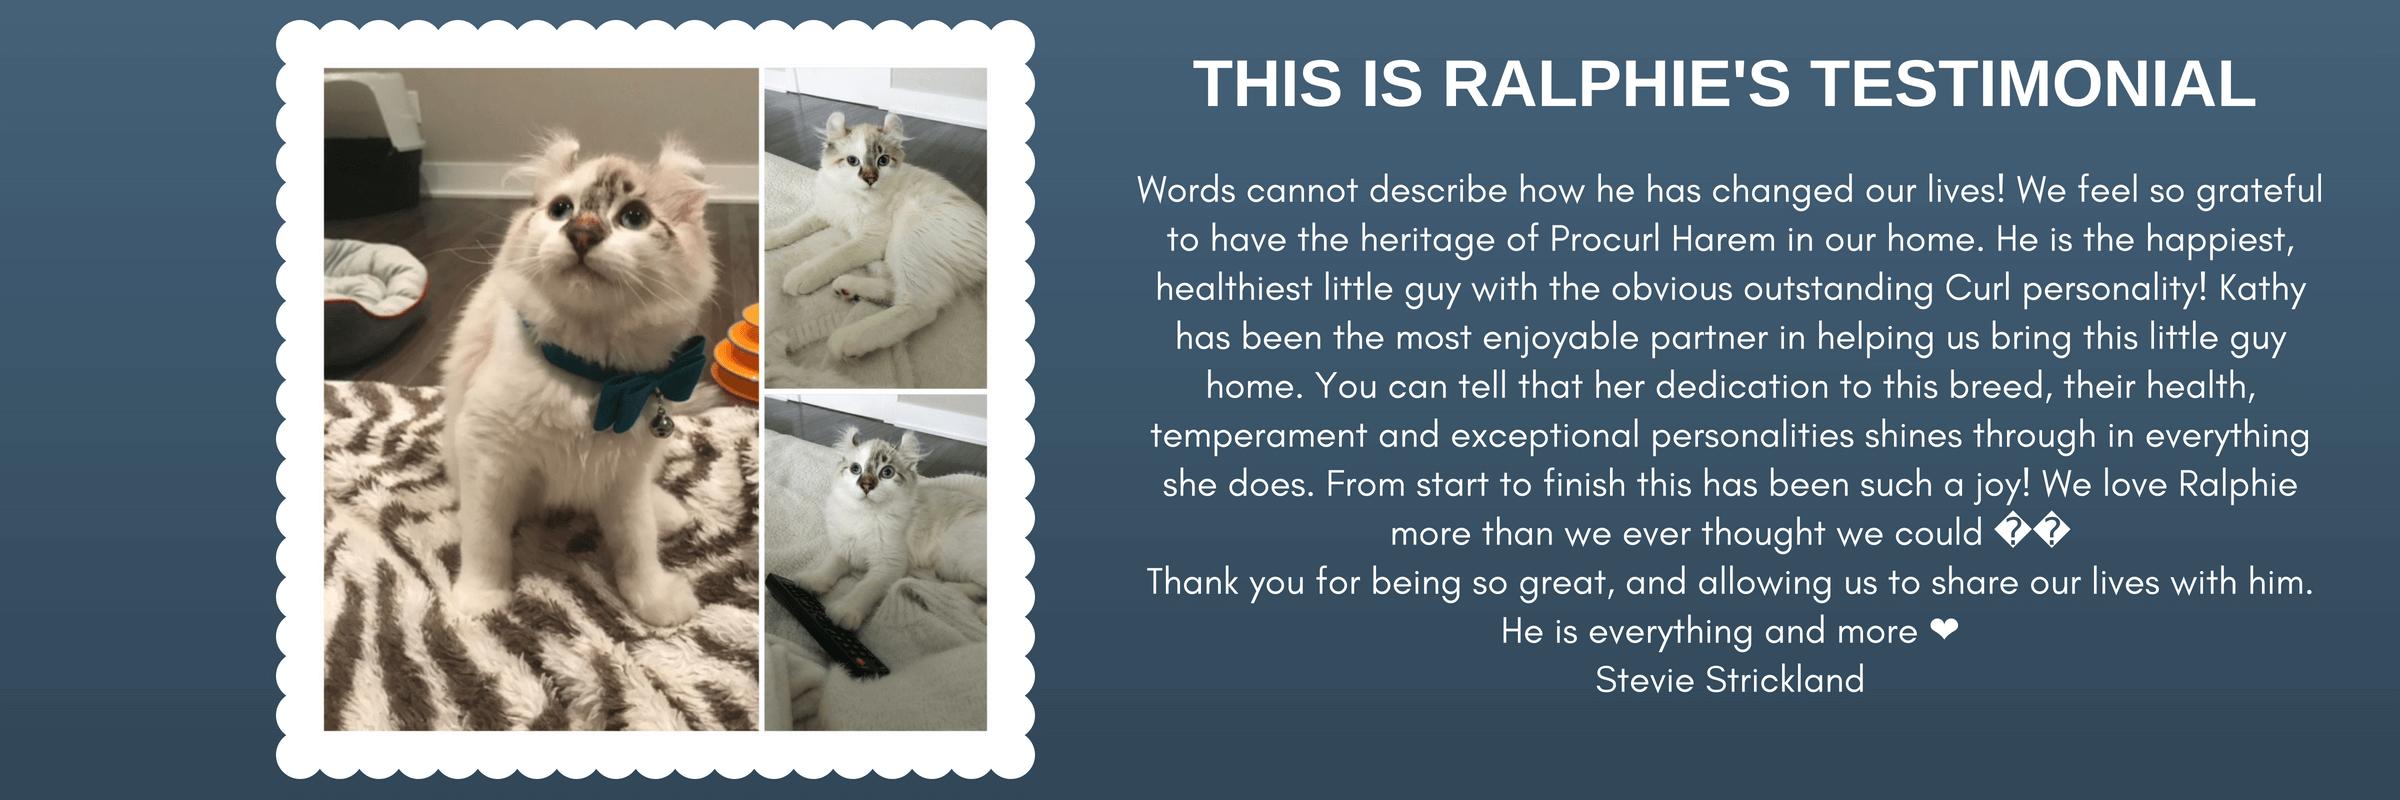 Ralphie's Testimonial